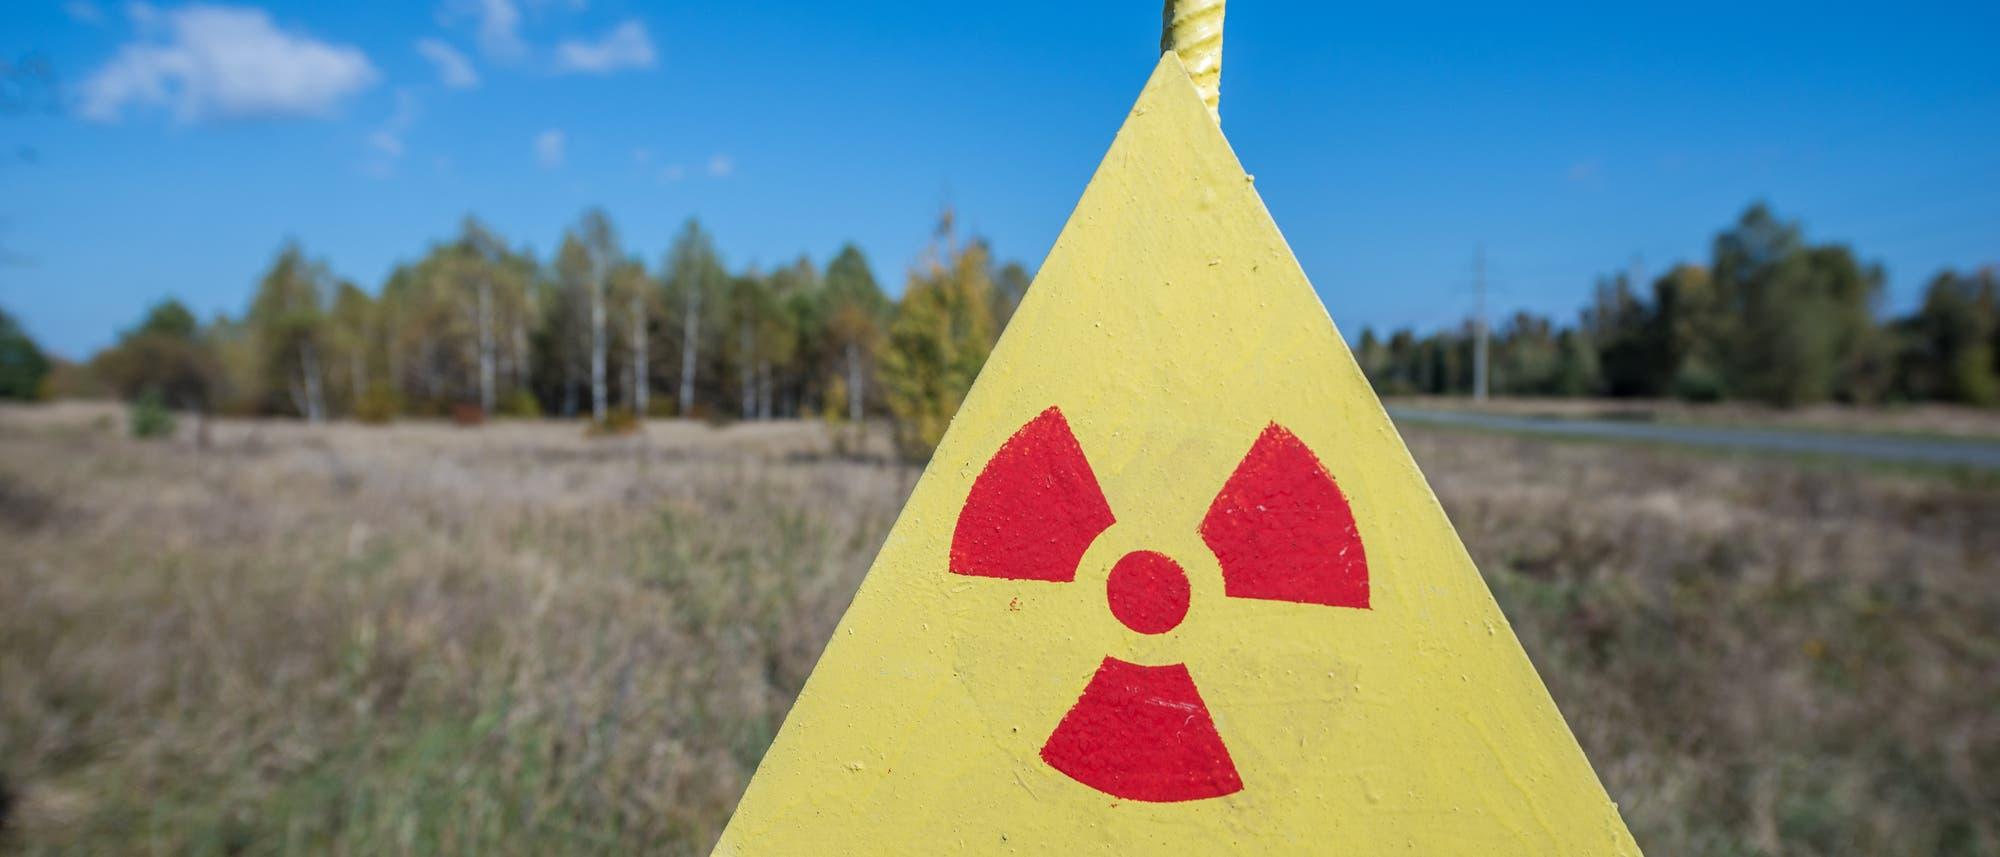 Warnung vor erhöhter Radioaktivität im Sperrgebiet von Tschernobyl